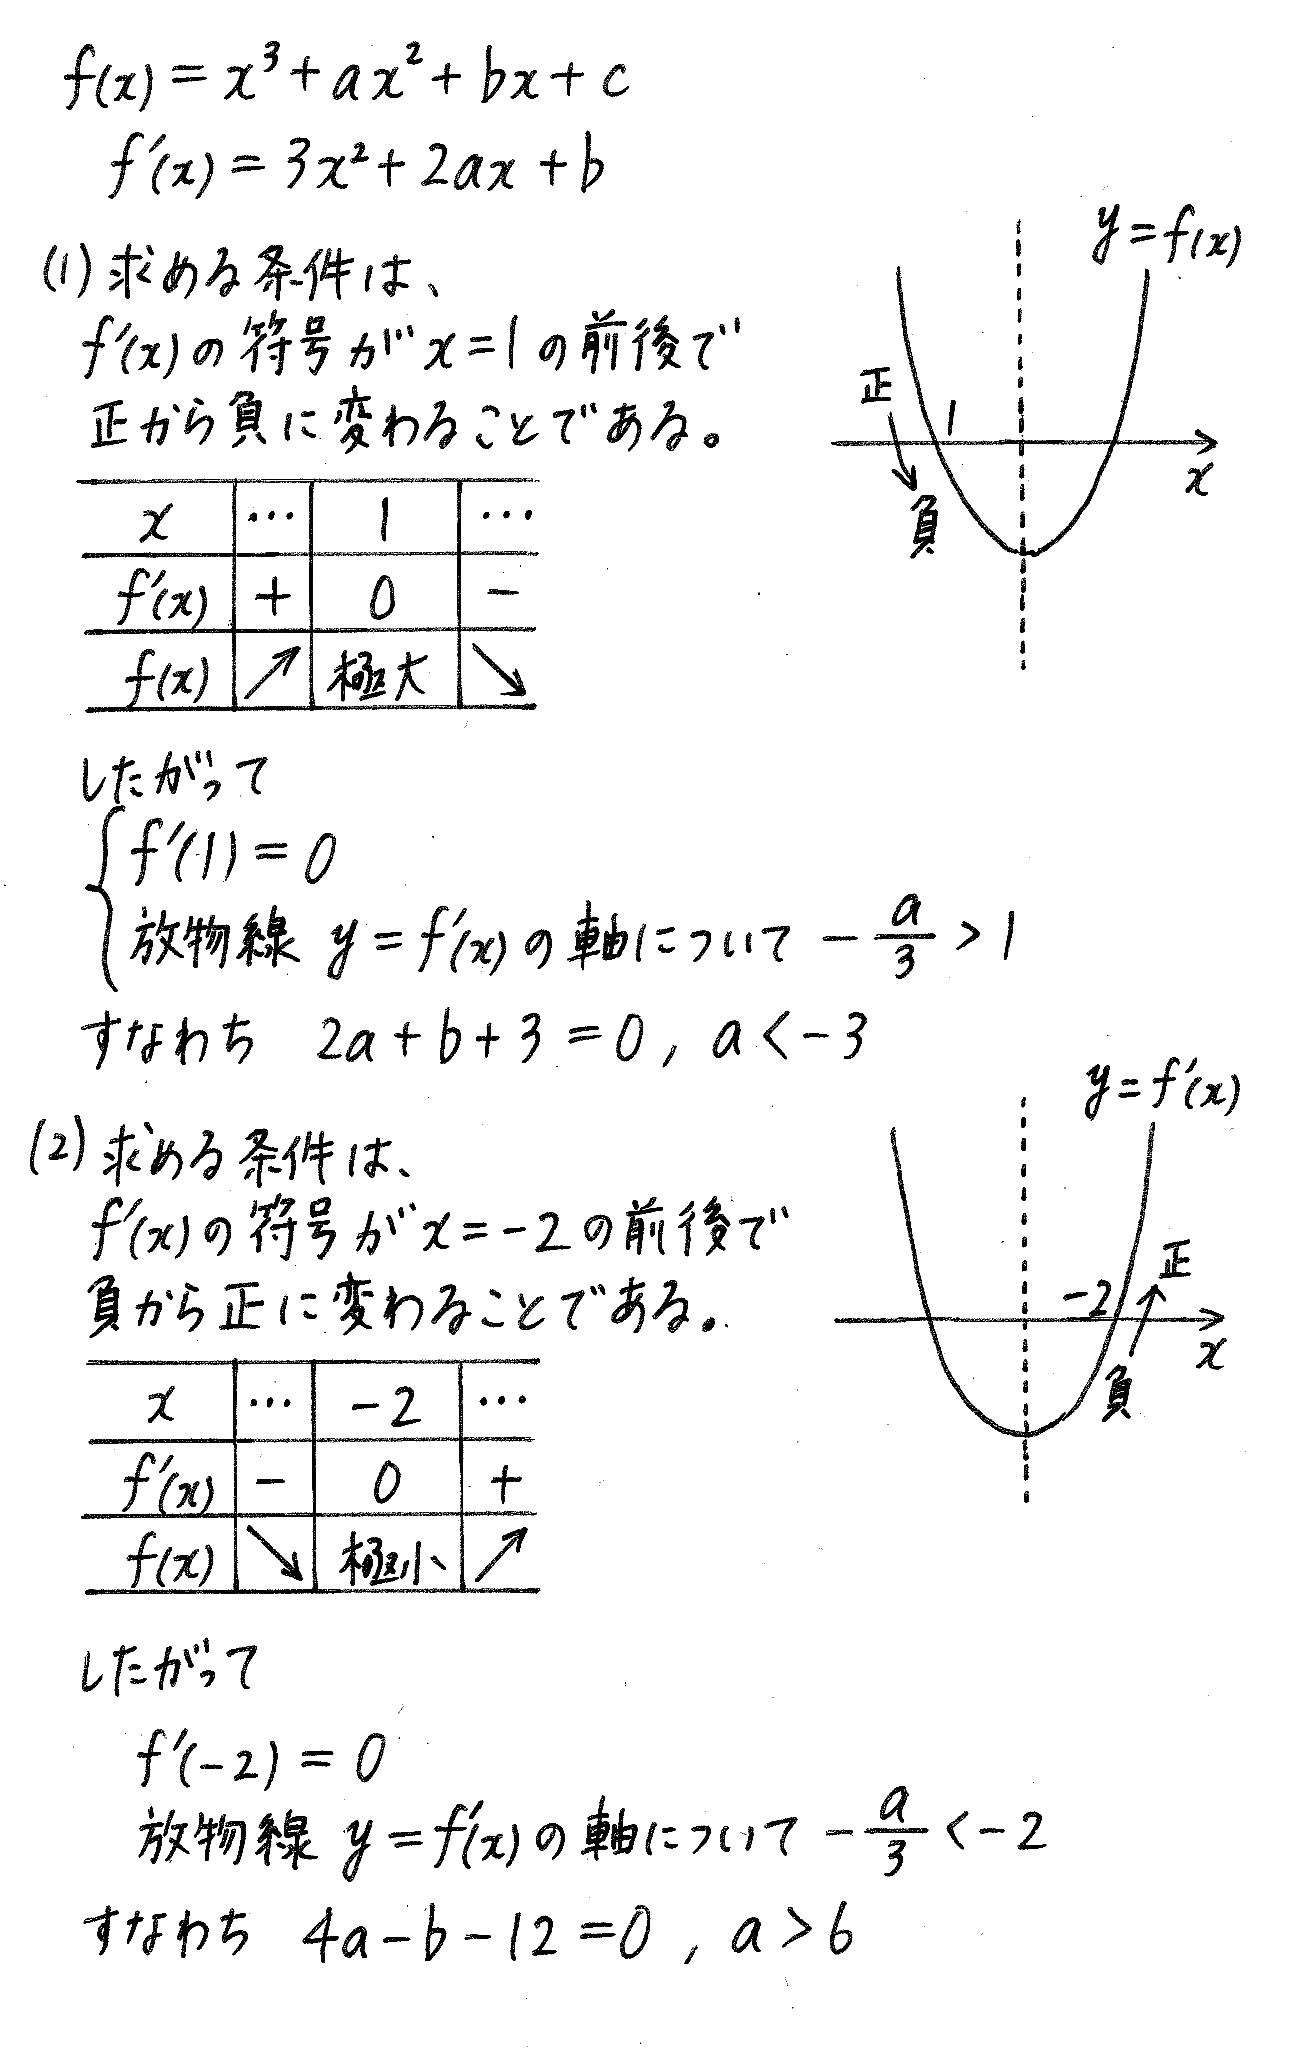 改訂版4プロセス数学2-411解答